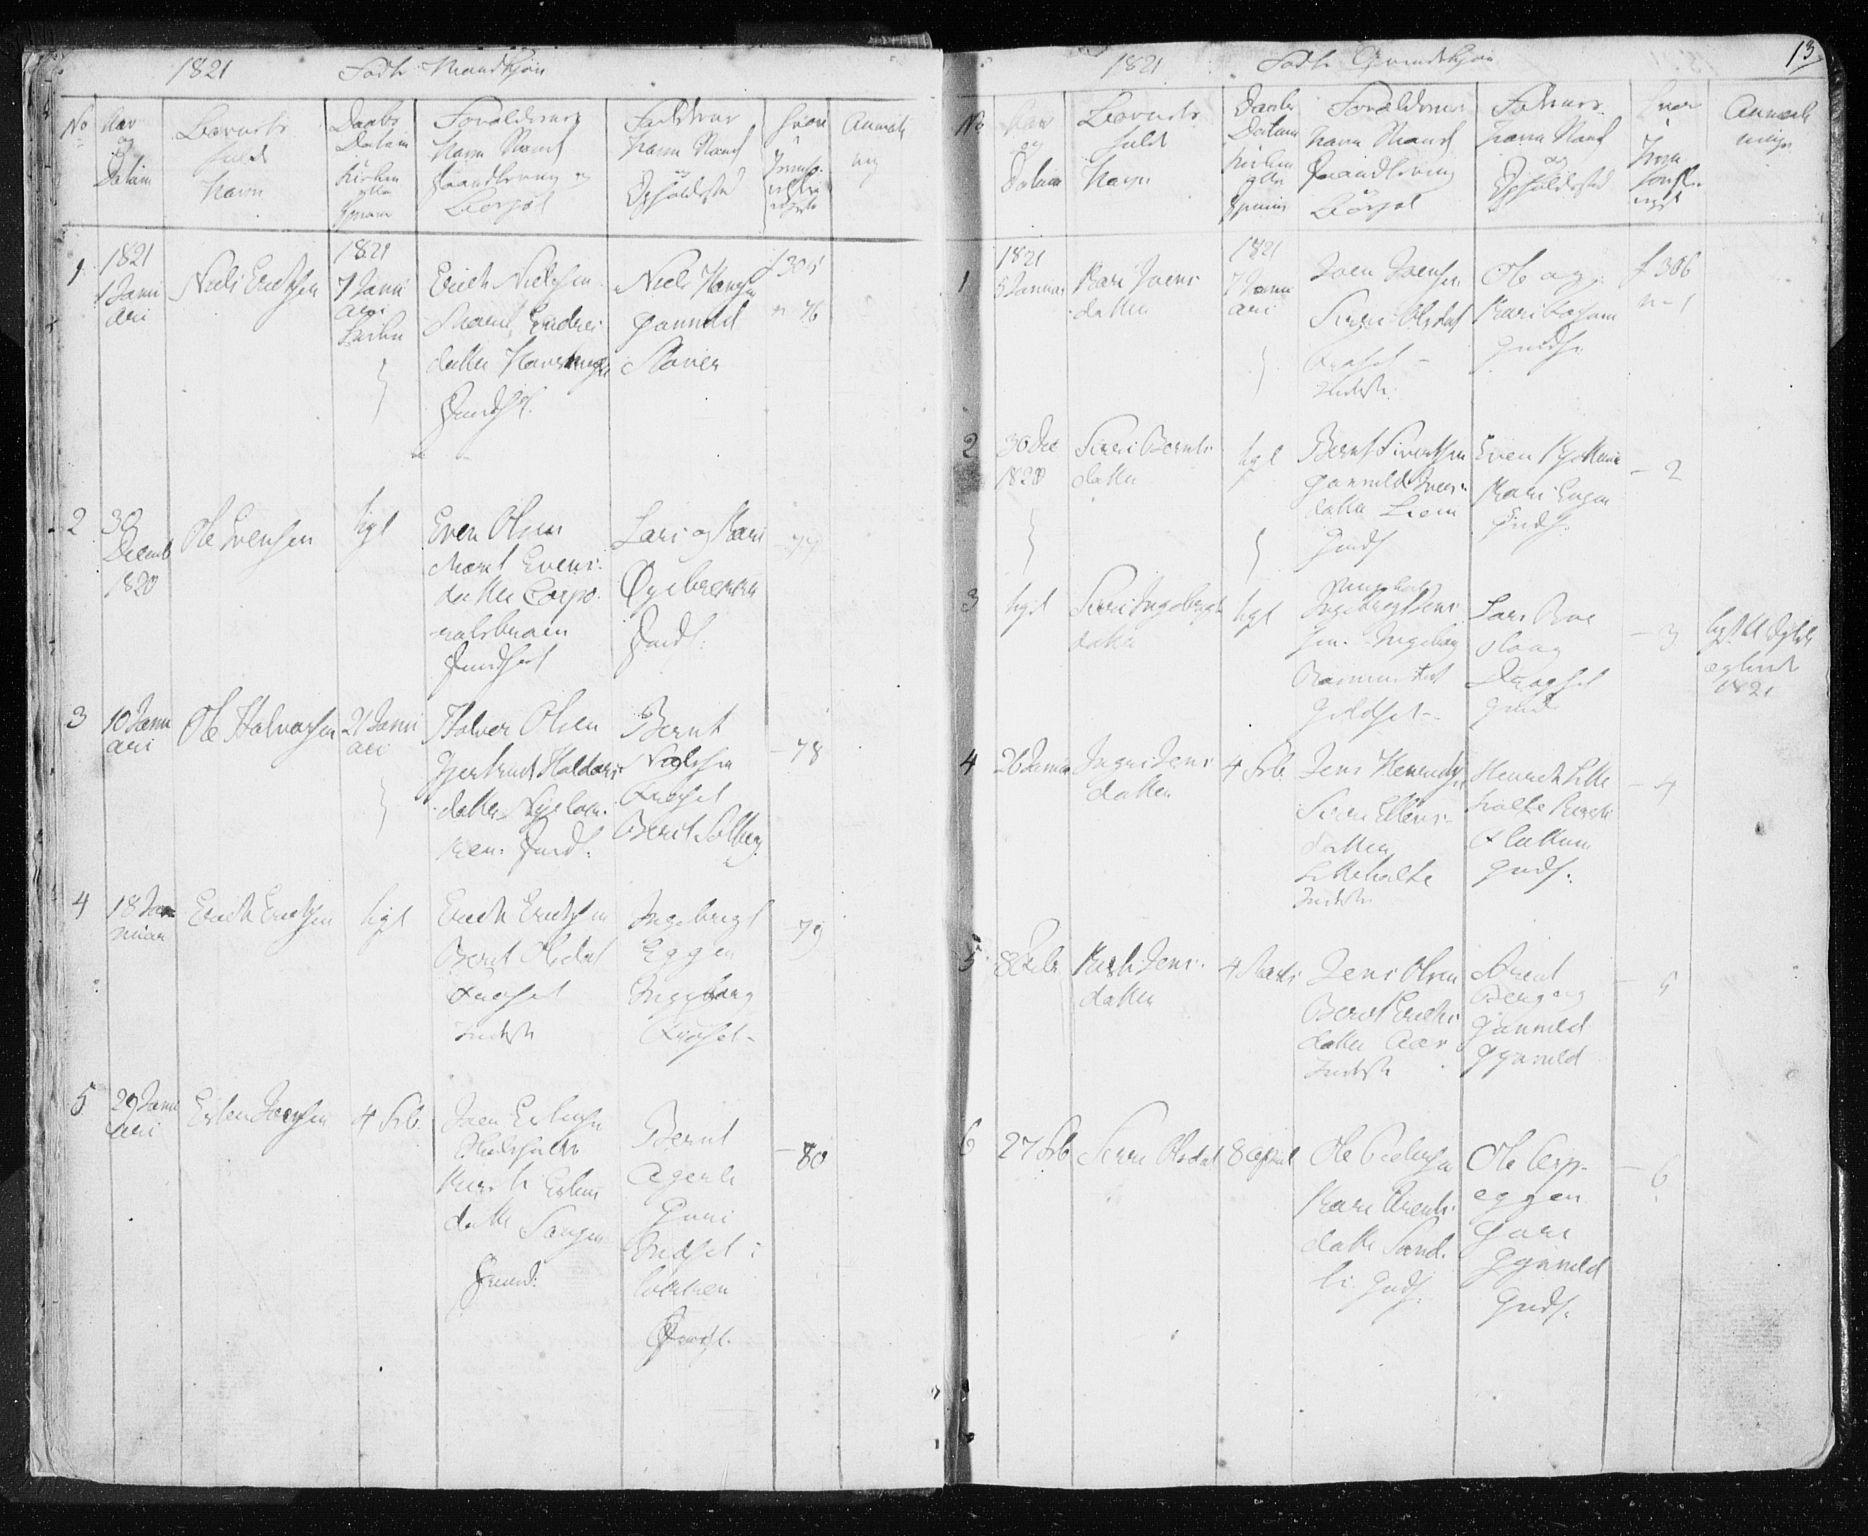 SAT, Ministerialprotokoller, klokkerbøker og fødselsregistre - Sør-Trøndelag, 689/L1043: Klokkerbok nr. 689C02, 1816-1892, s. 13